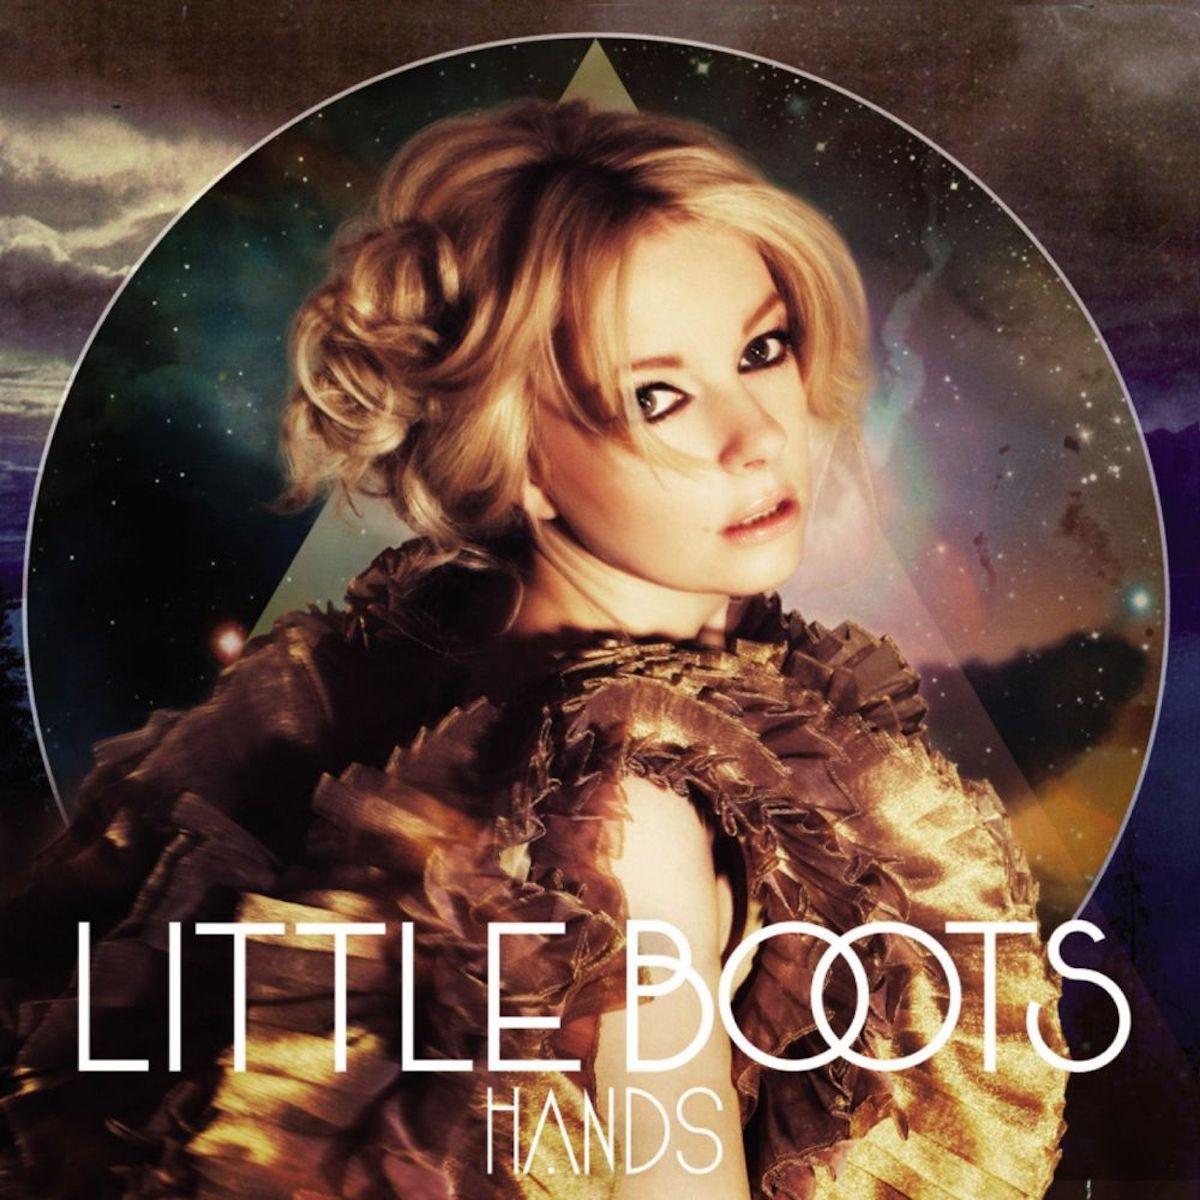 Little Boots - Hands (2009) album cover